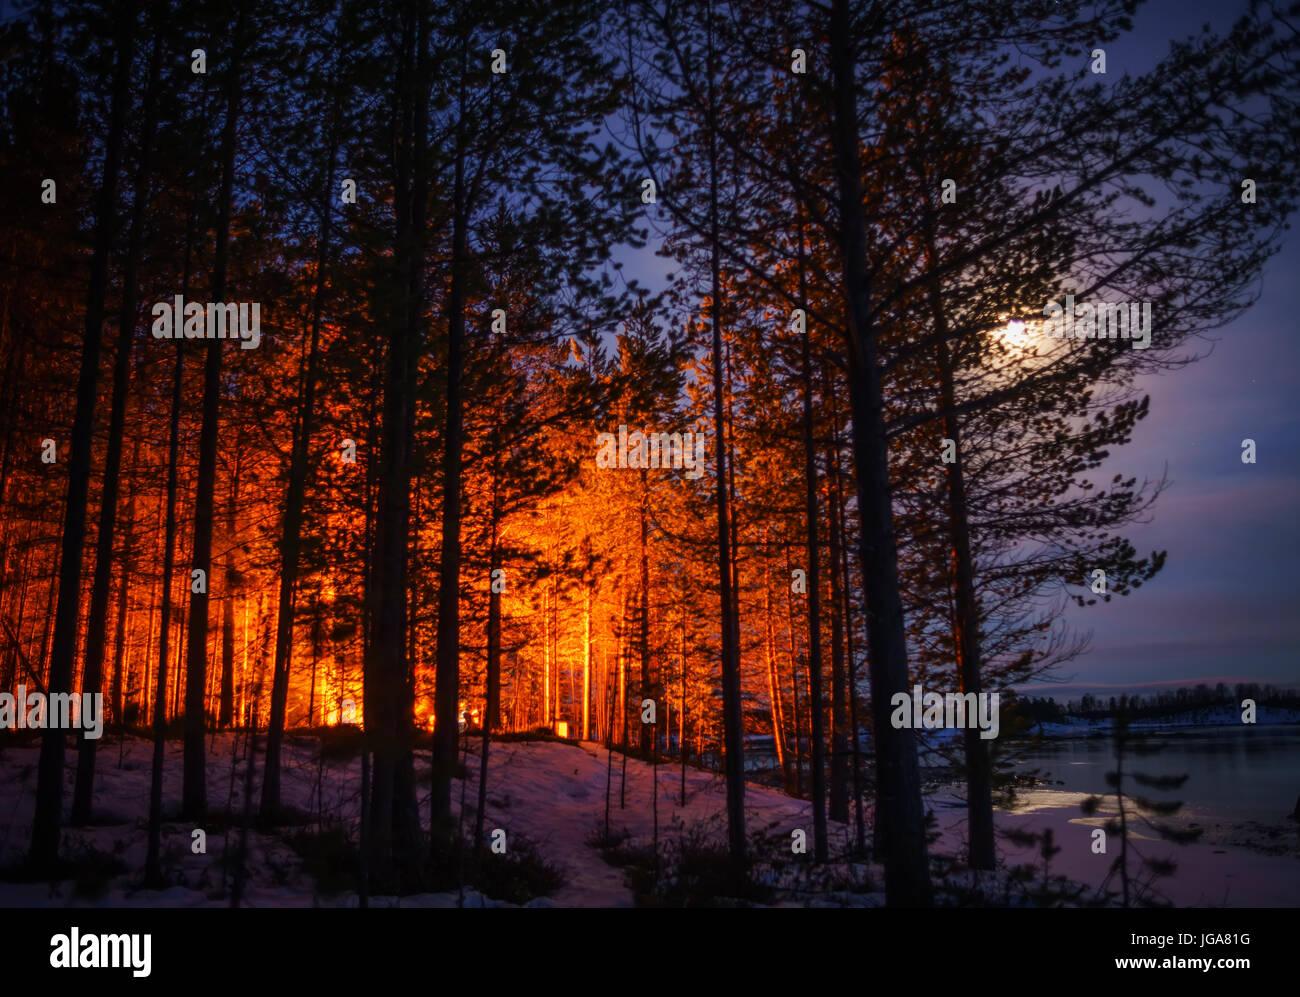 De la lune et d'une lueur orange camp, Laponie, Finlande Photo Stock